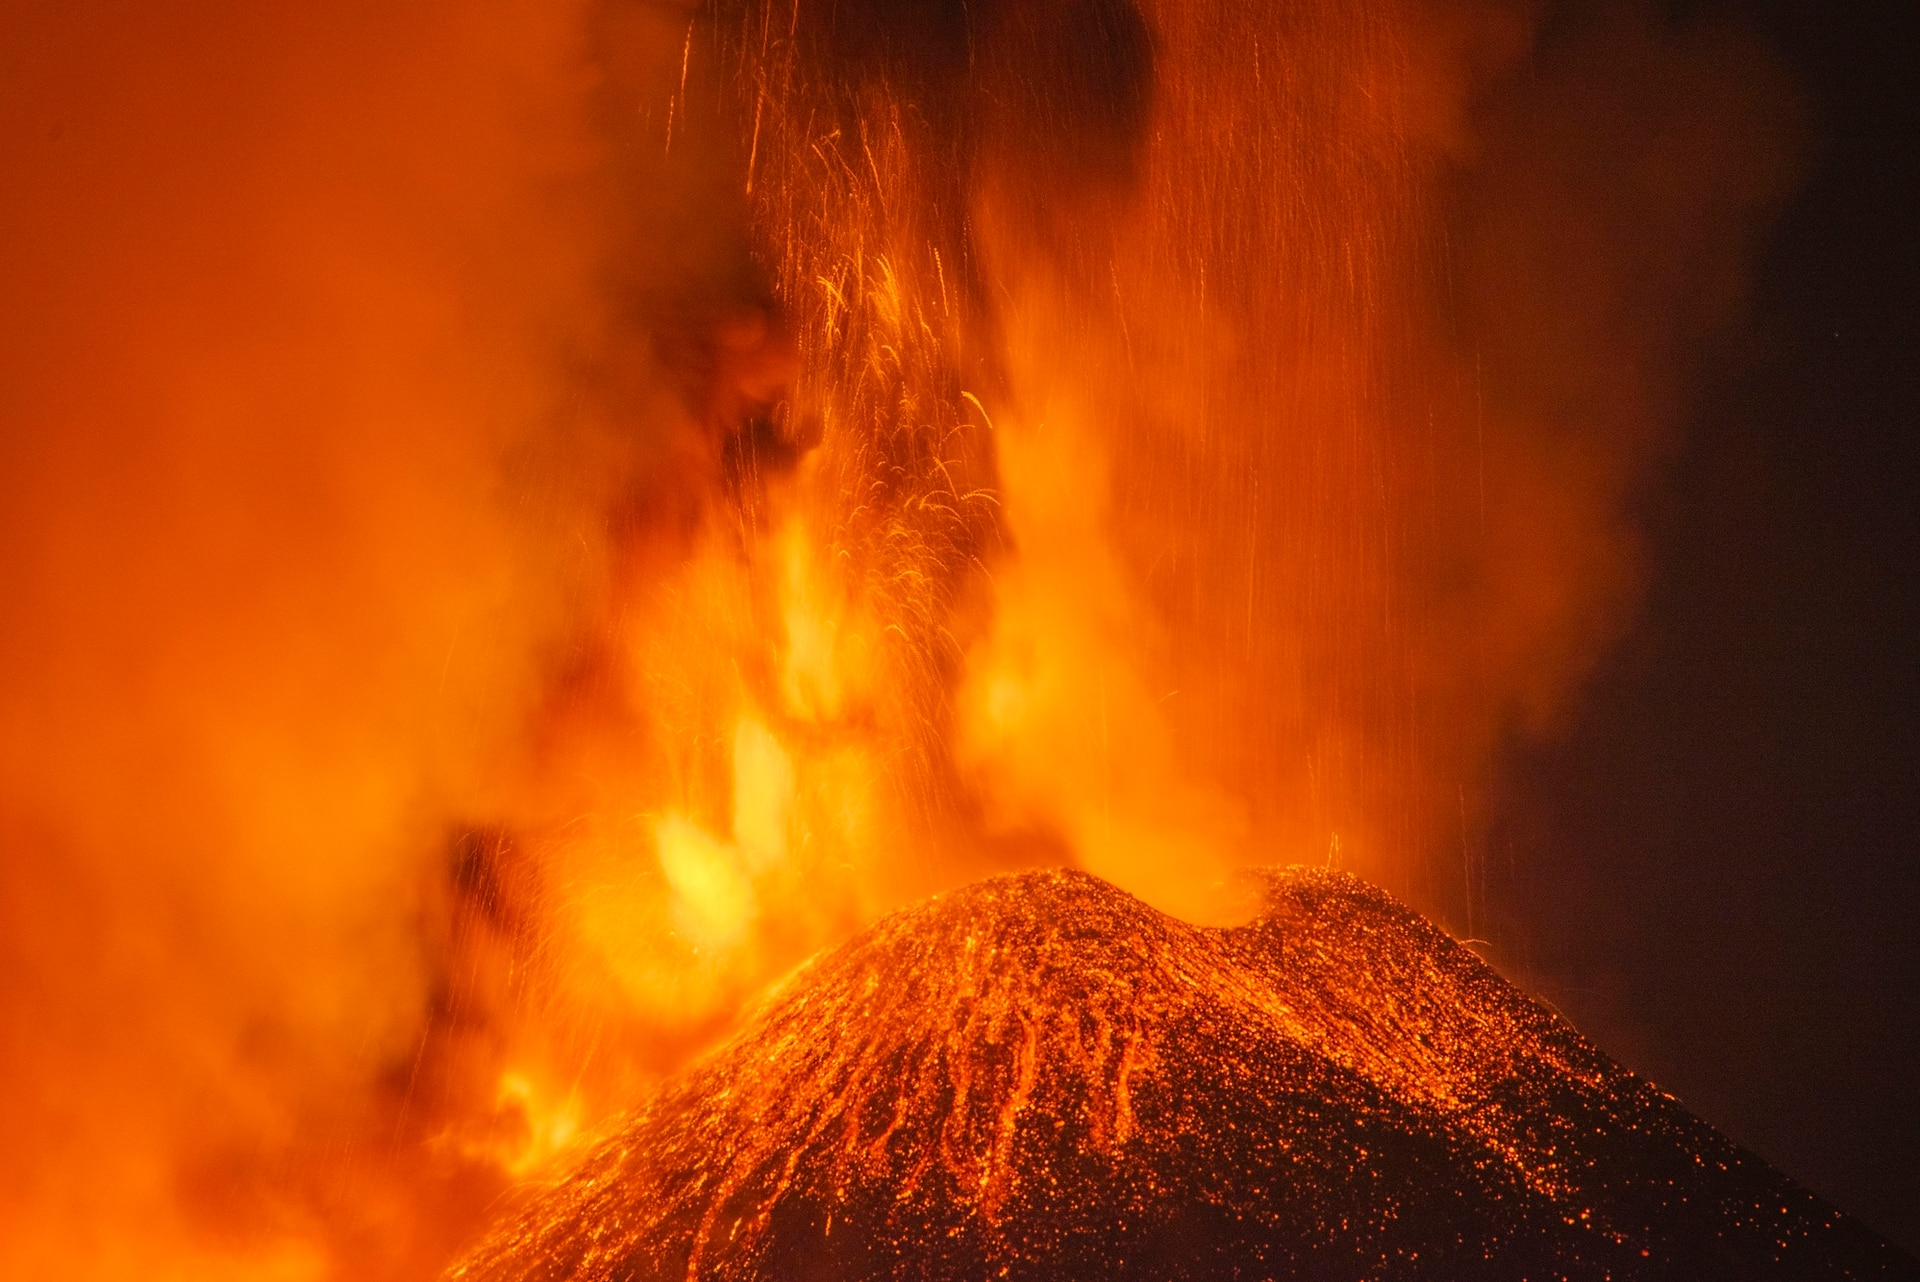 En la última jornada el monte expulsó una fuente de lava de unos 500 metros de altura, además de una fuerte columna de humo y ceniza